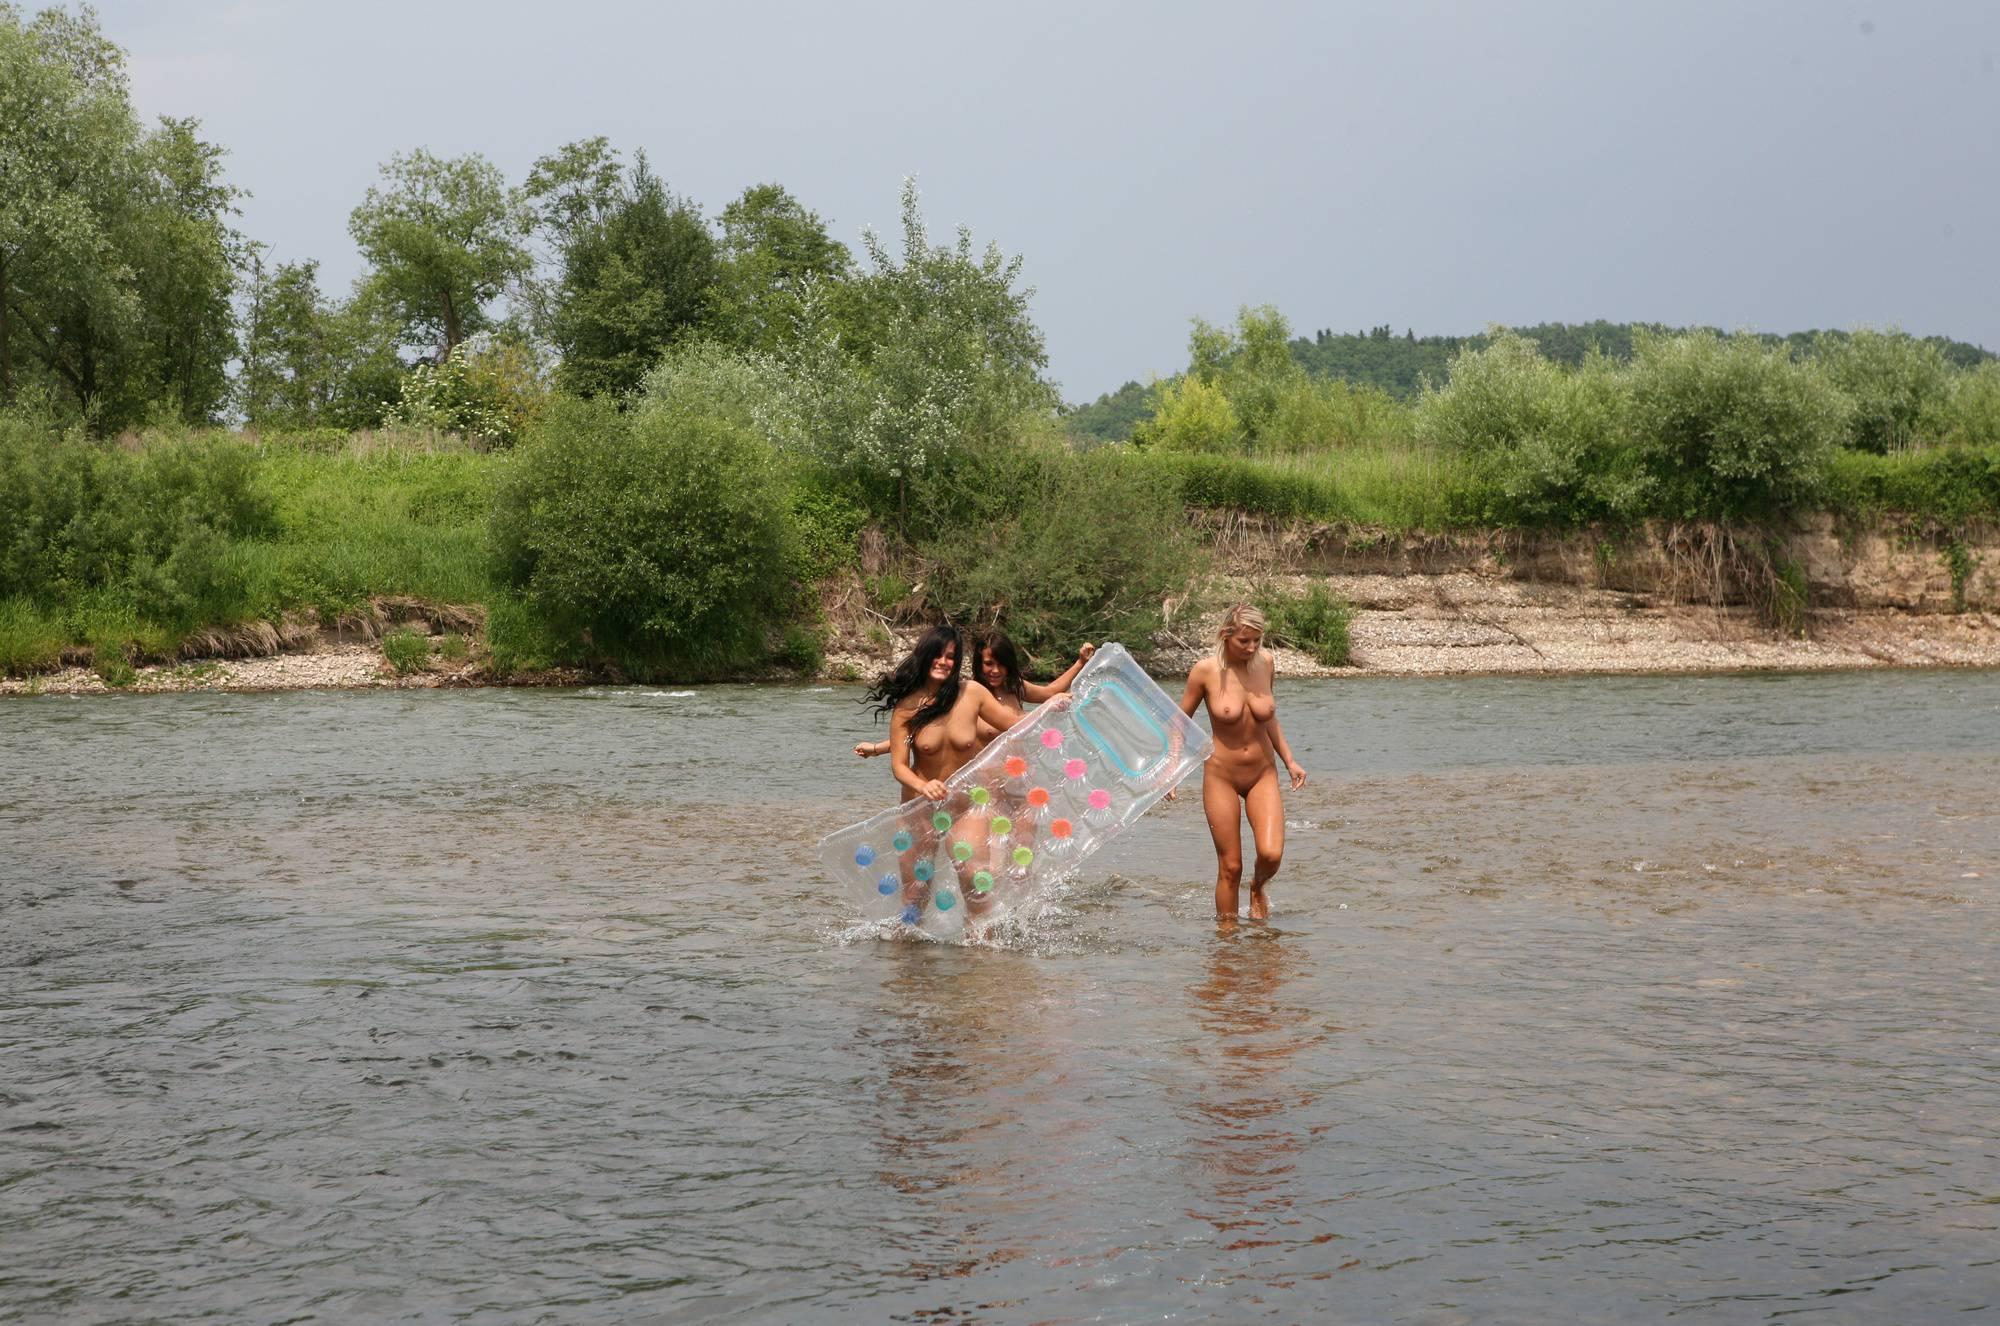 Park Floating On River - 2